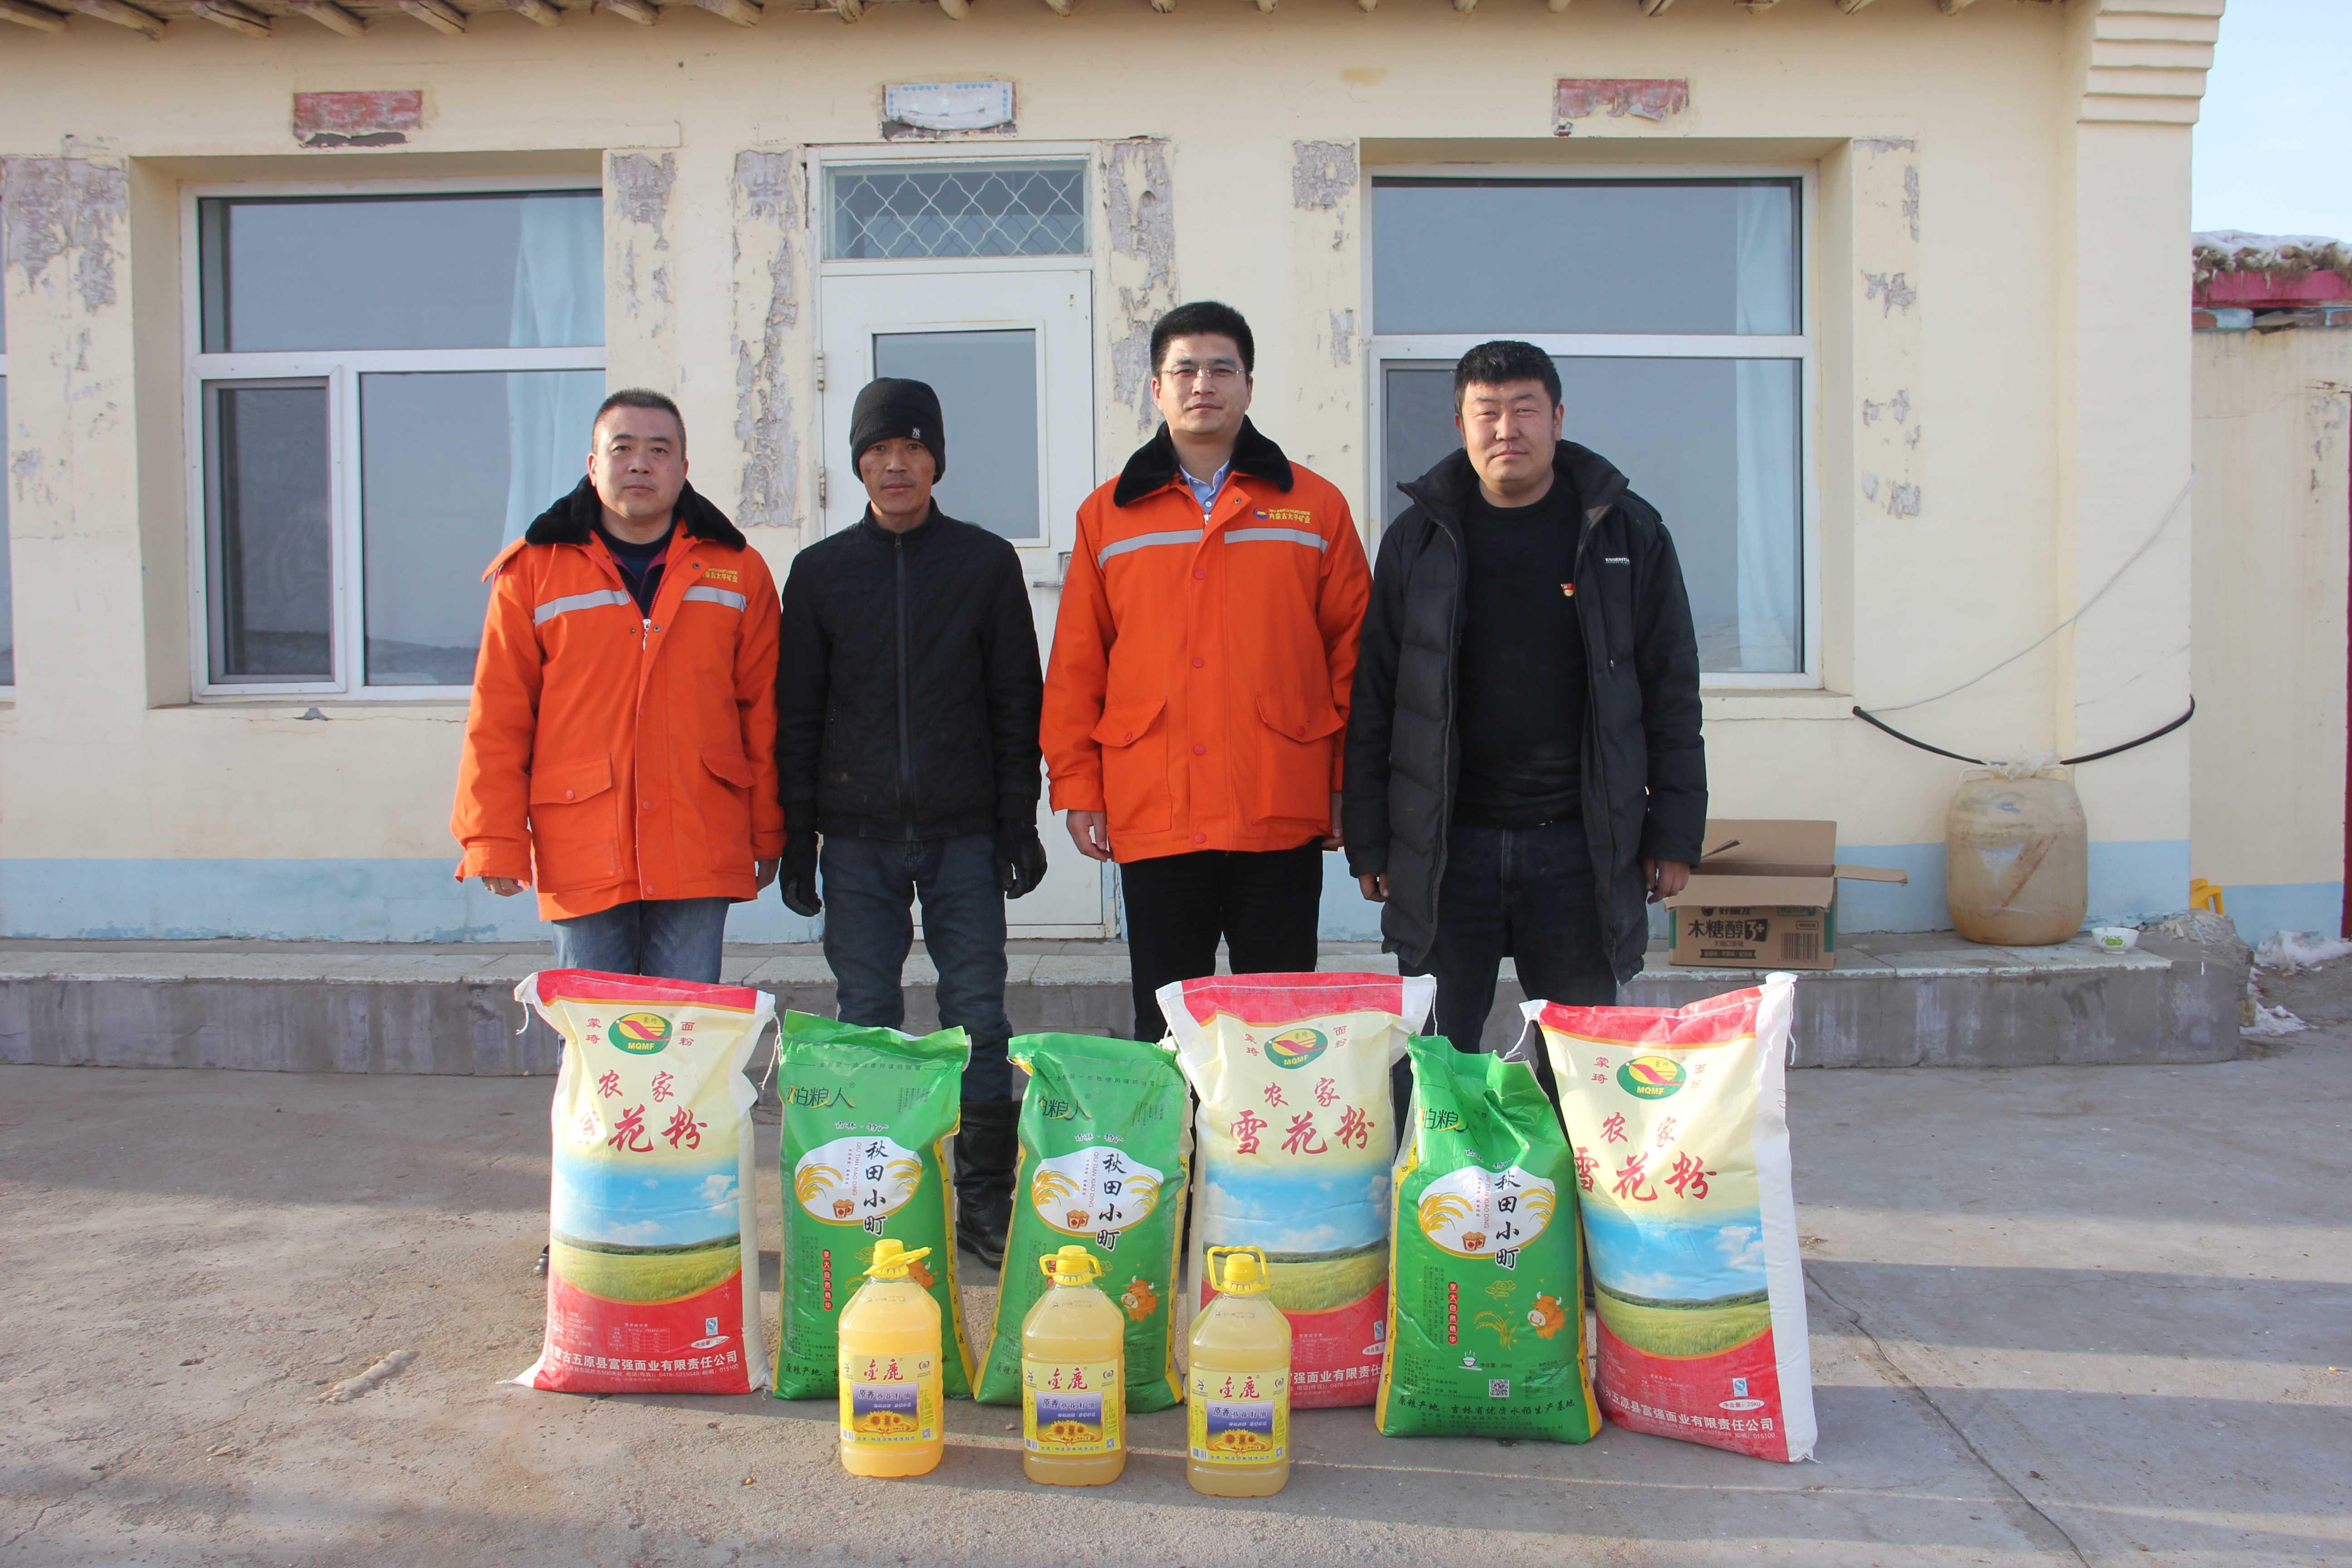 內蒙古太平開展春節前走訪慰問-與牧民合影留念